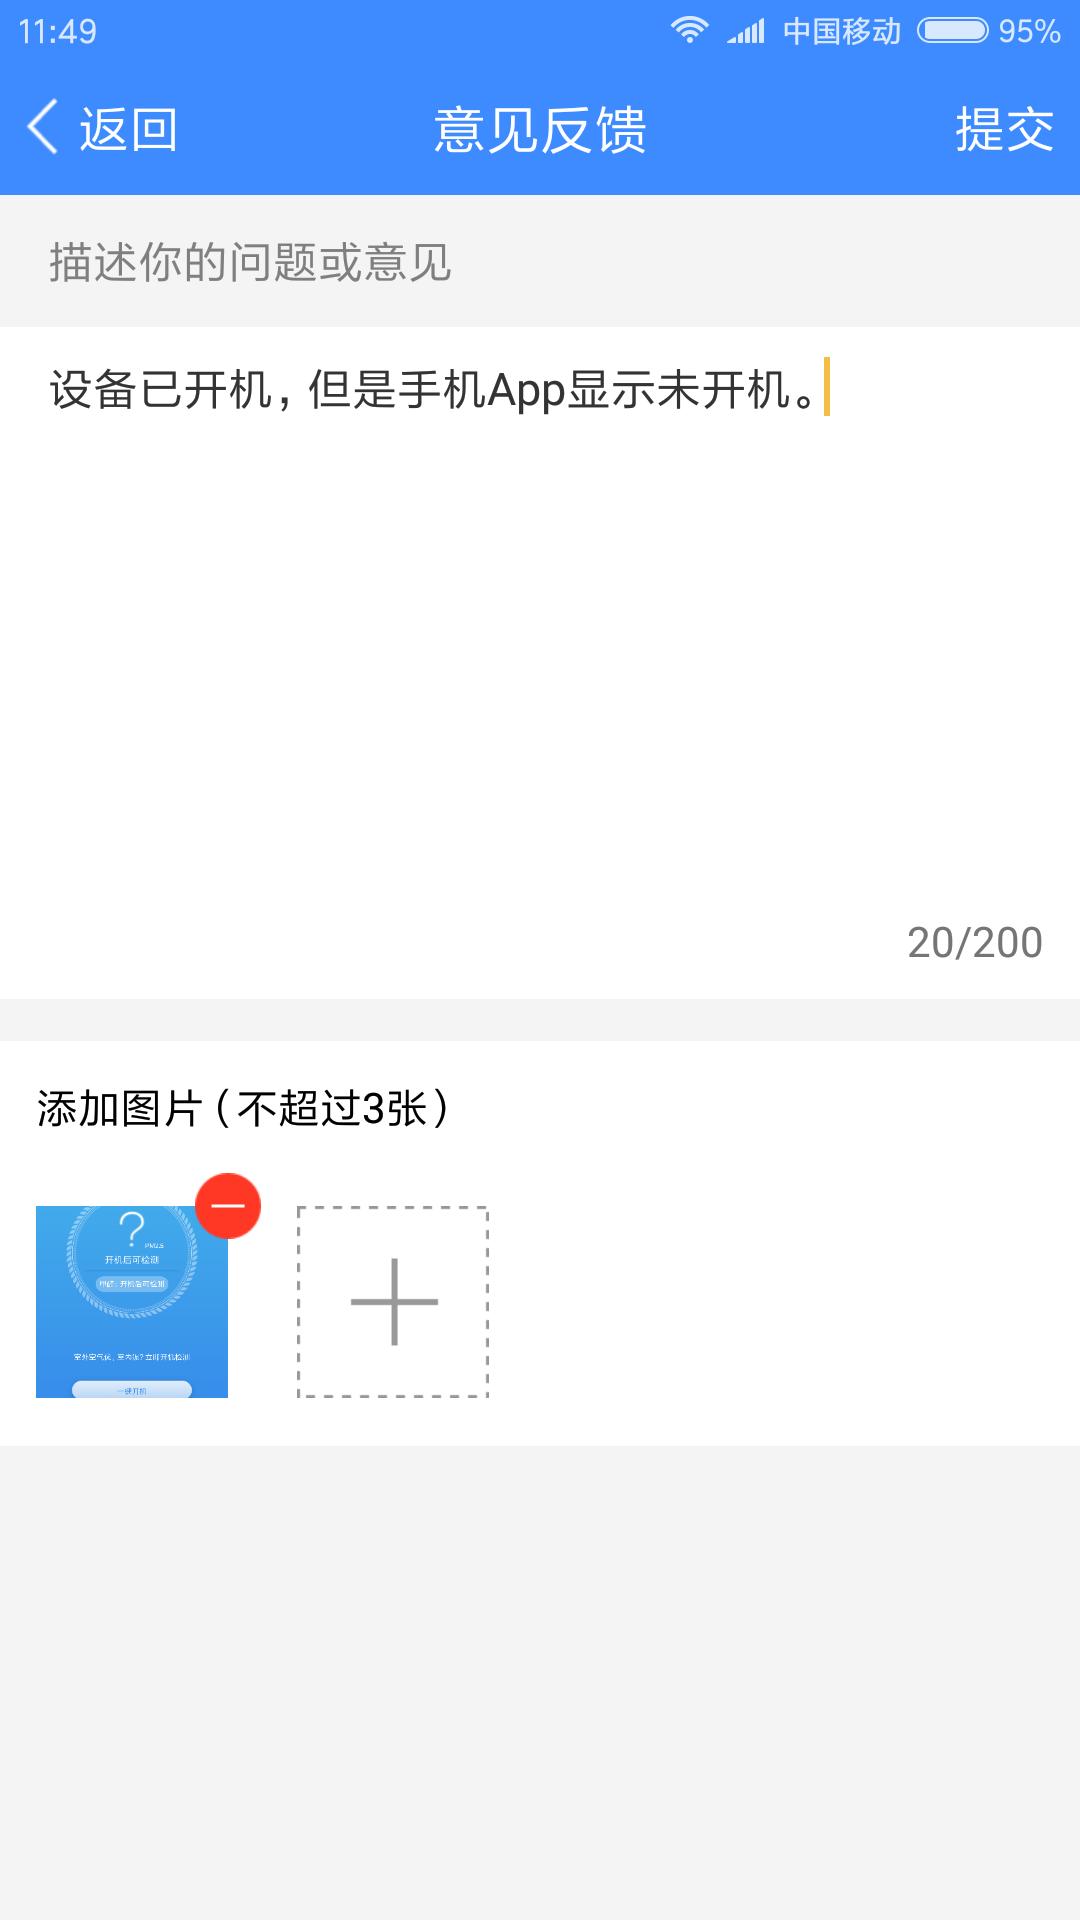 微信图片_20171220120519.png